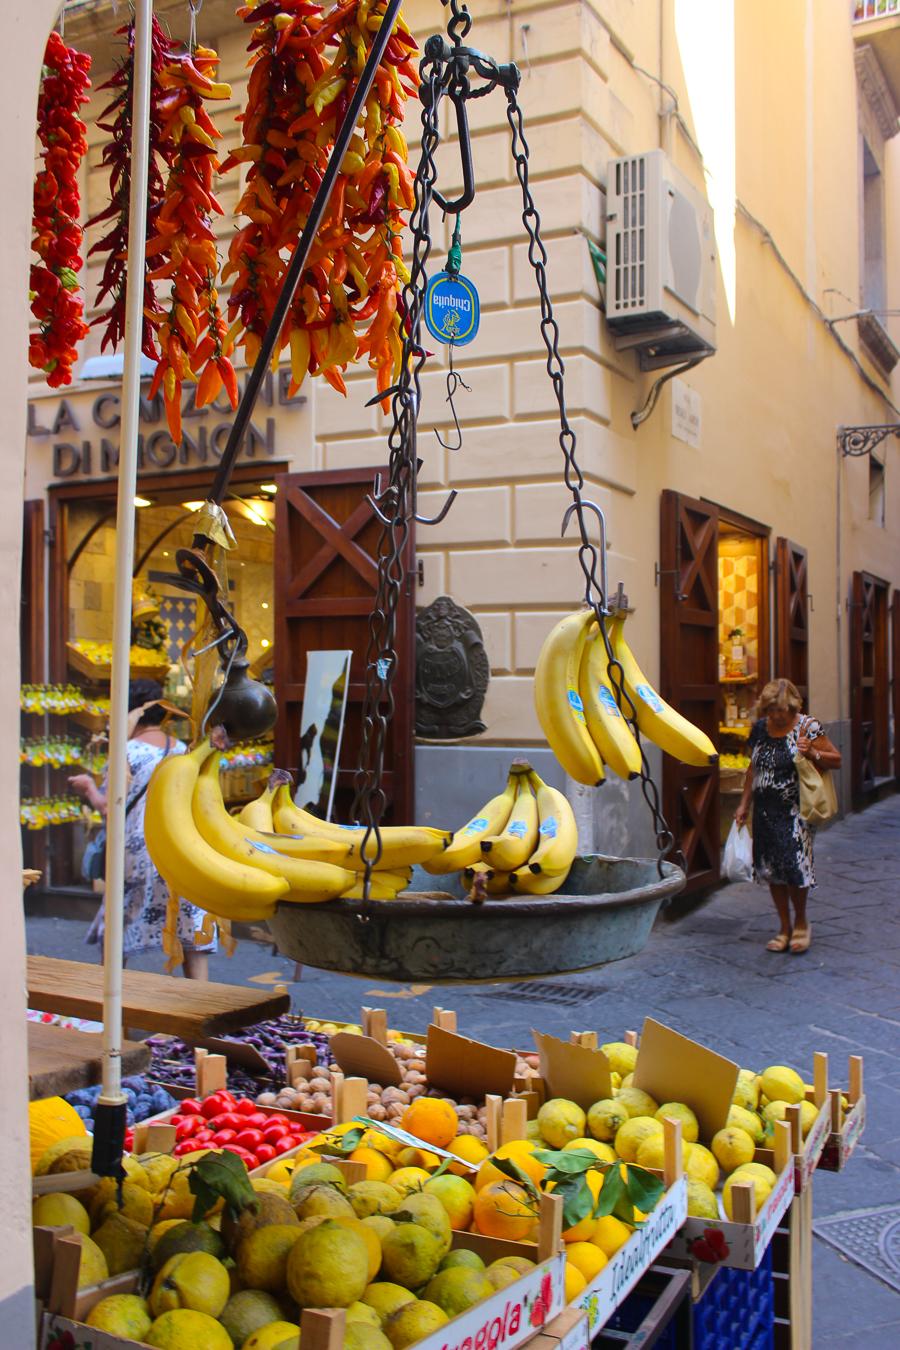 Sabrina Chakici - Clutch and Carry on - UK Fashion blogger & UK Travel Blogger - Capri Travel Blog - Capri Palace Hotel_-147